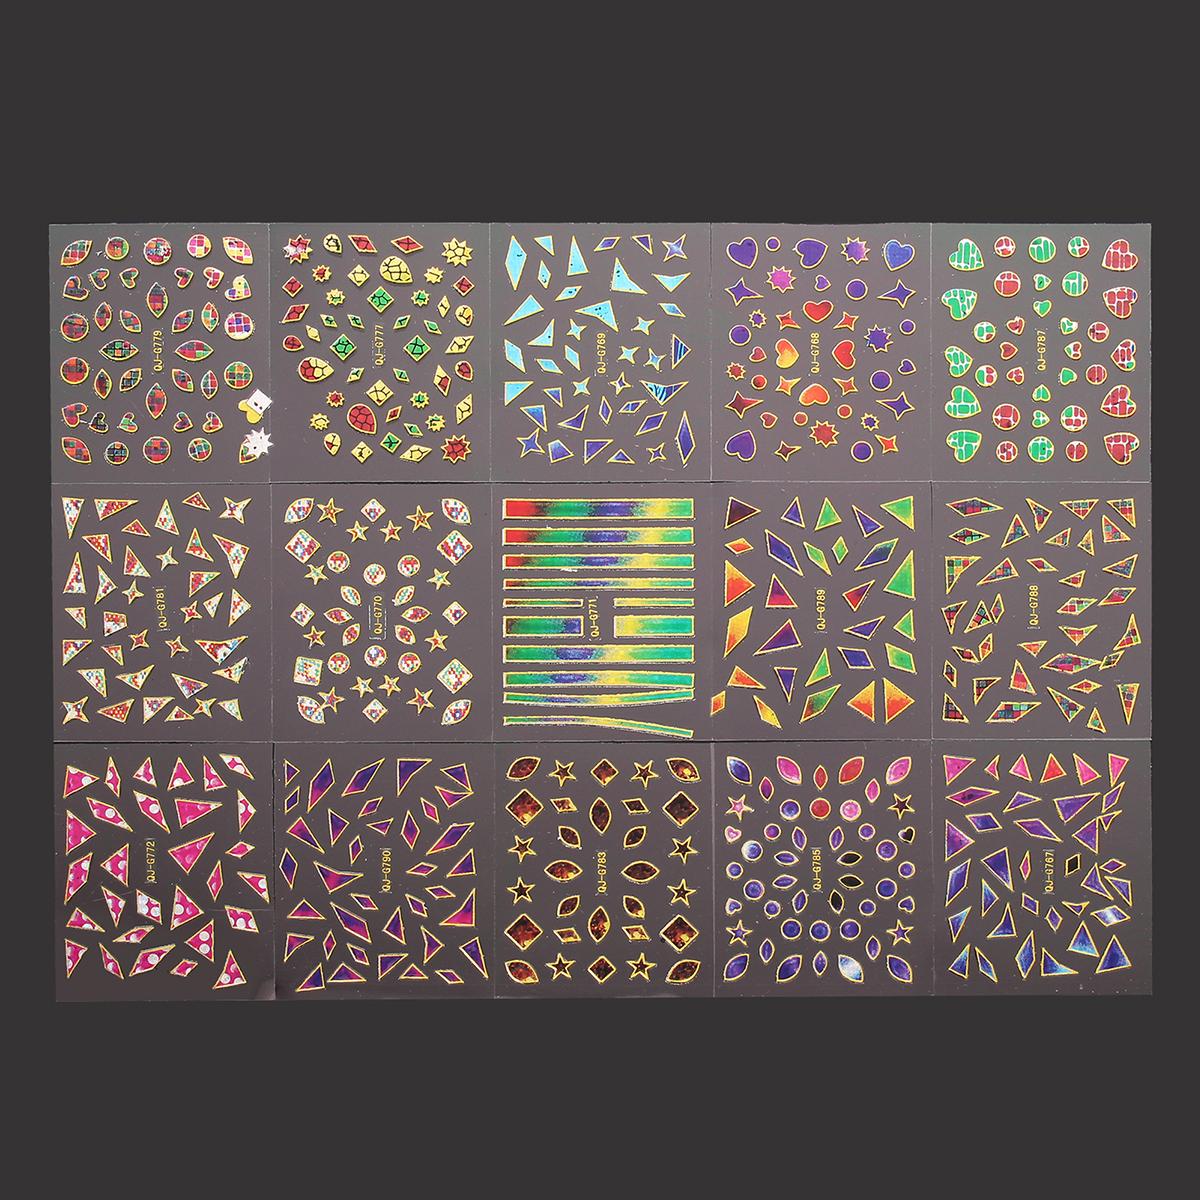 3D Irregular Broken Glass Nail Art Transfer Sticker Design Manicure Tips Decal Decoration